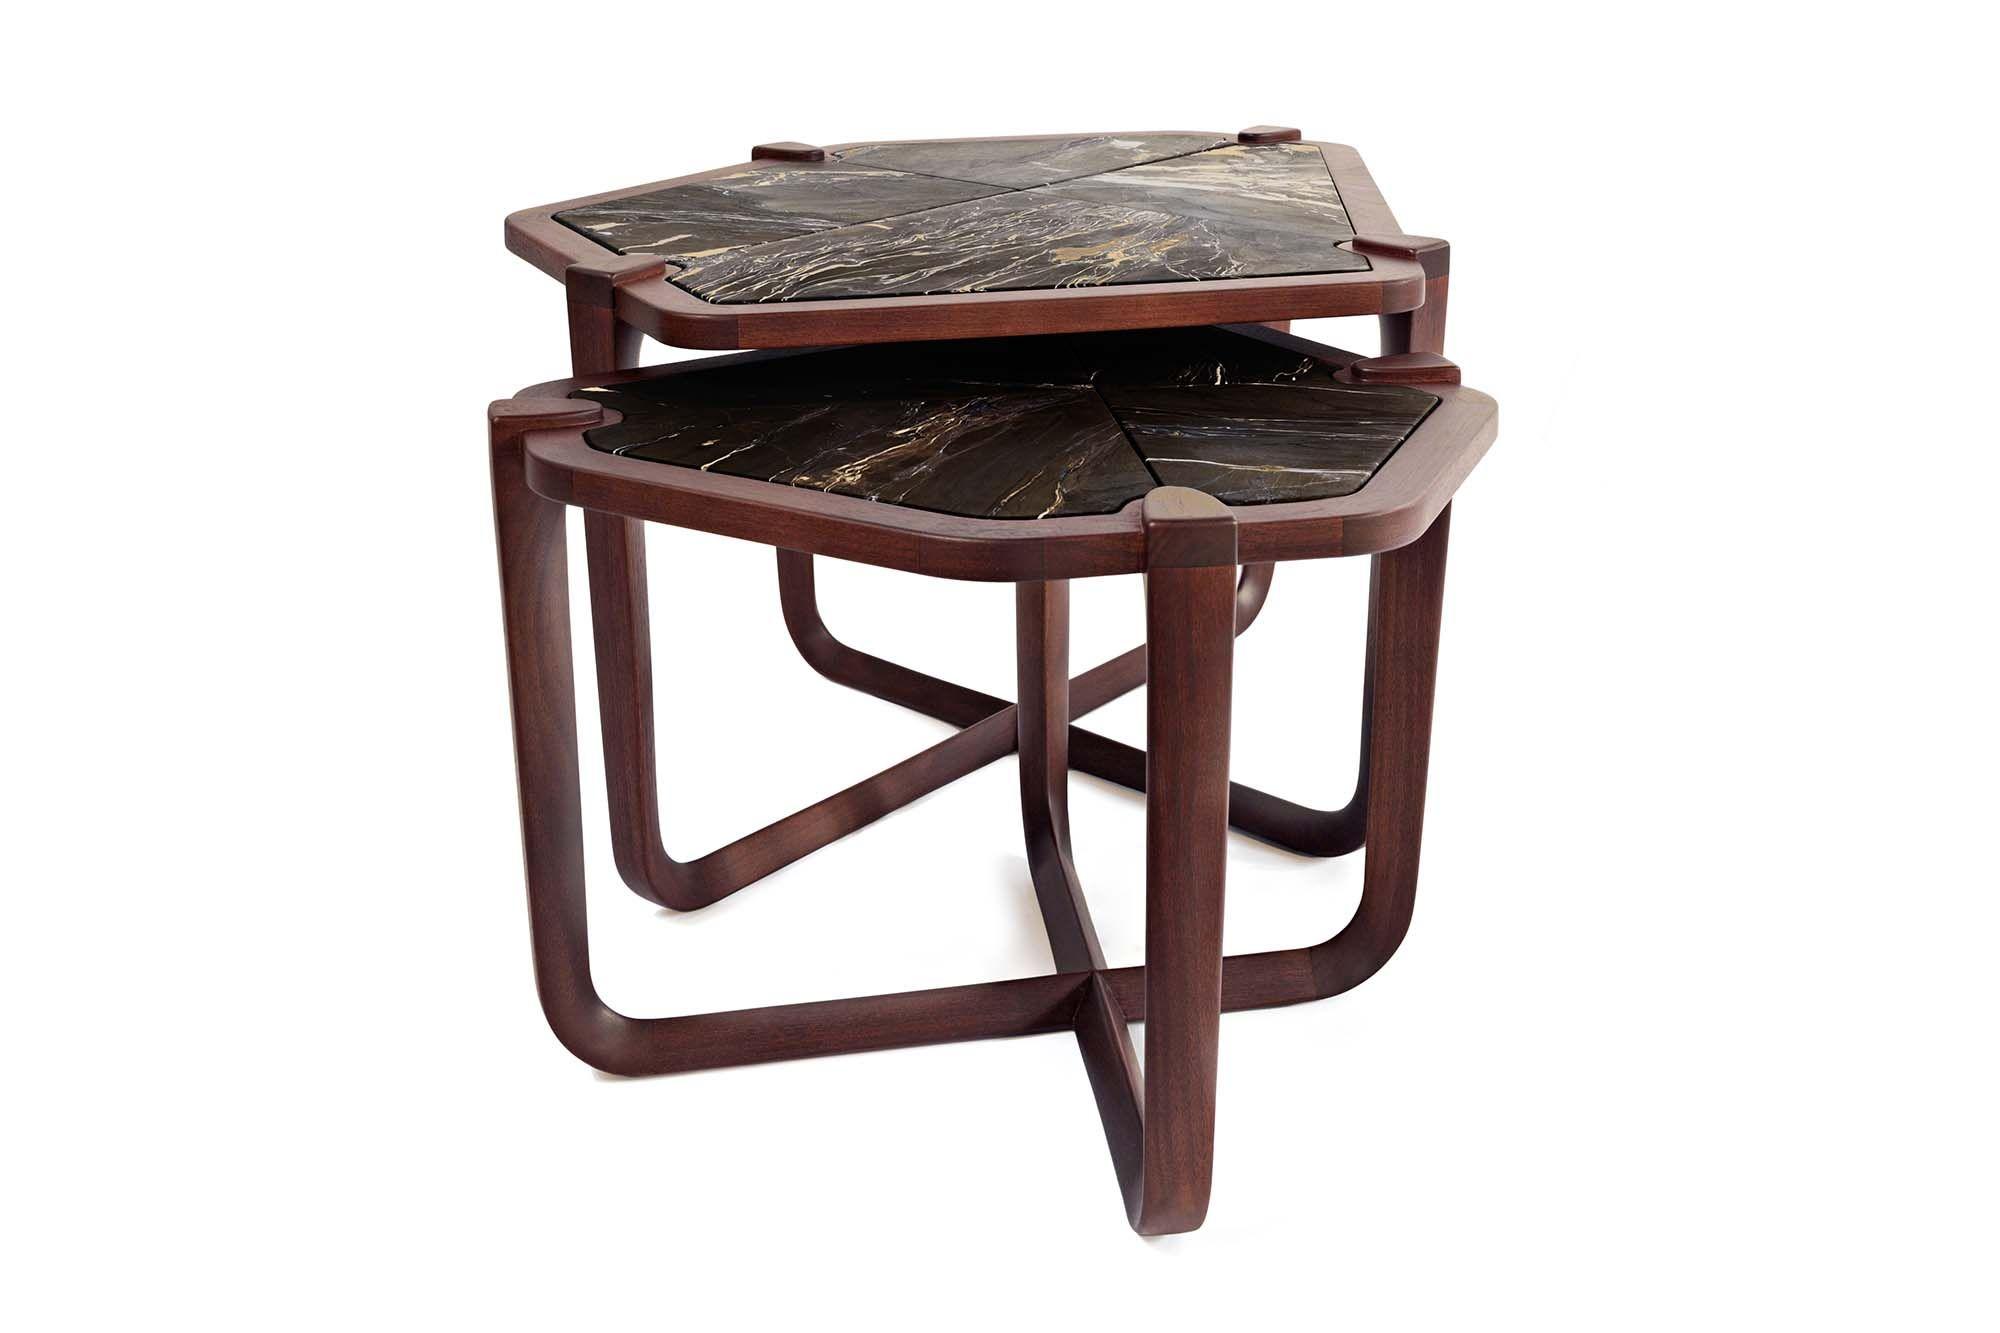 christopher jenner design nest table - Google'da Ara